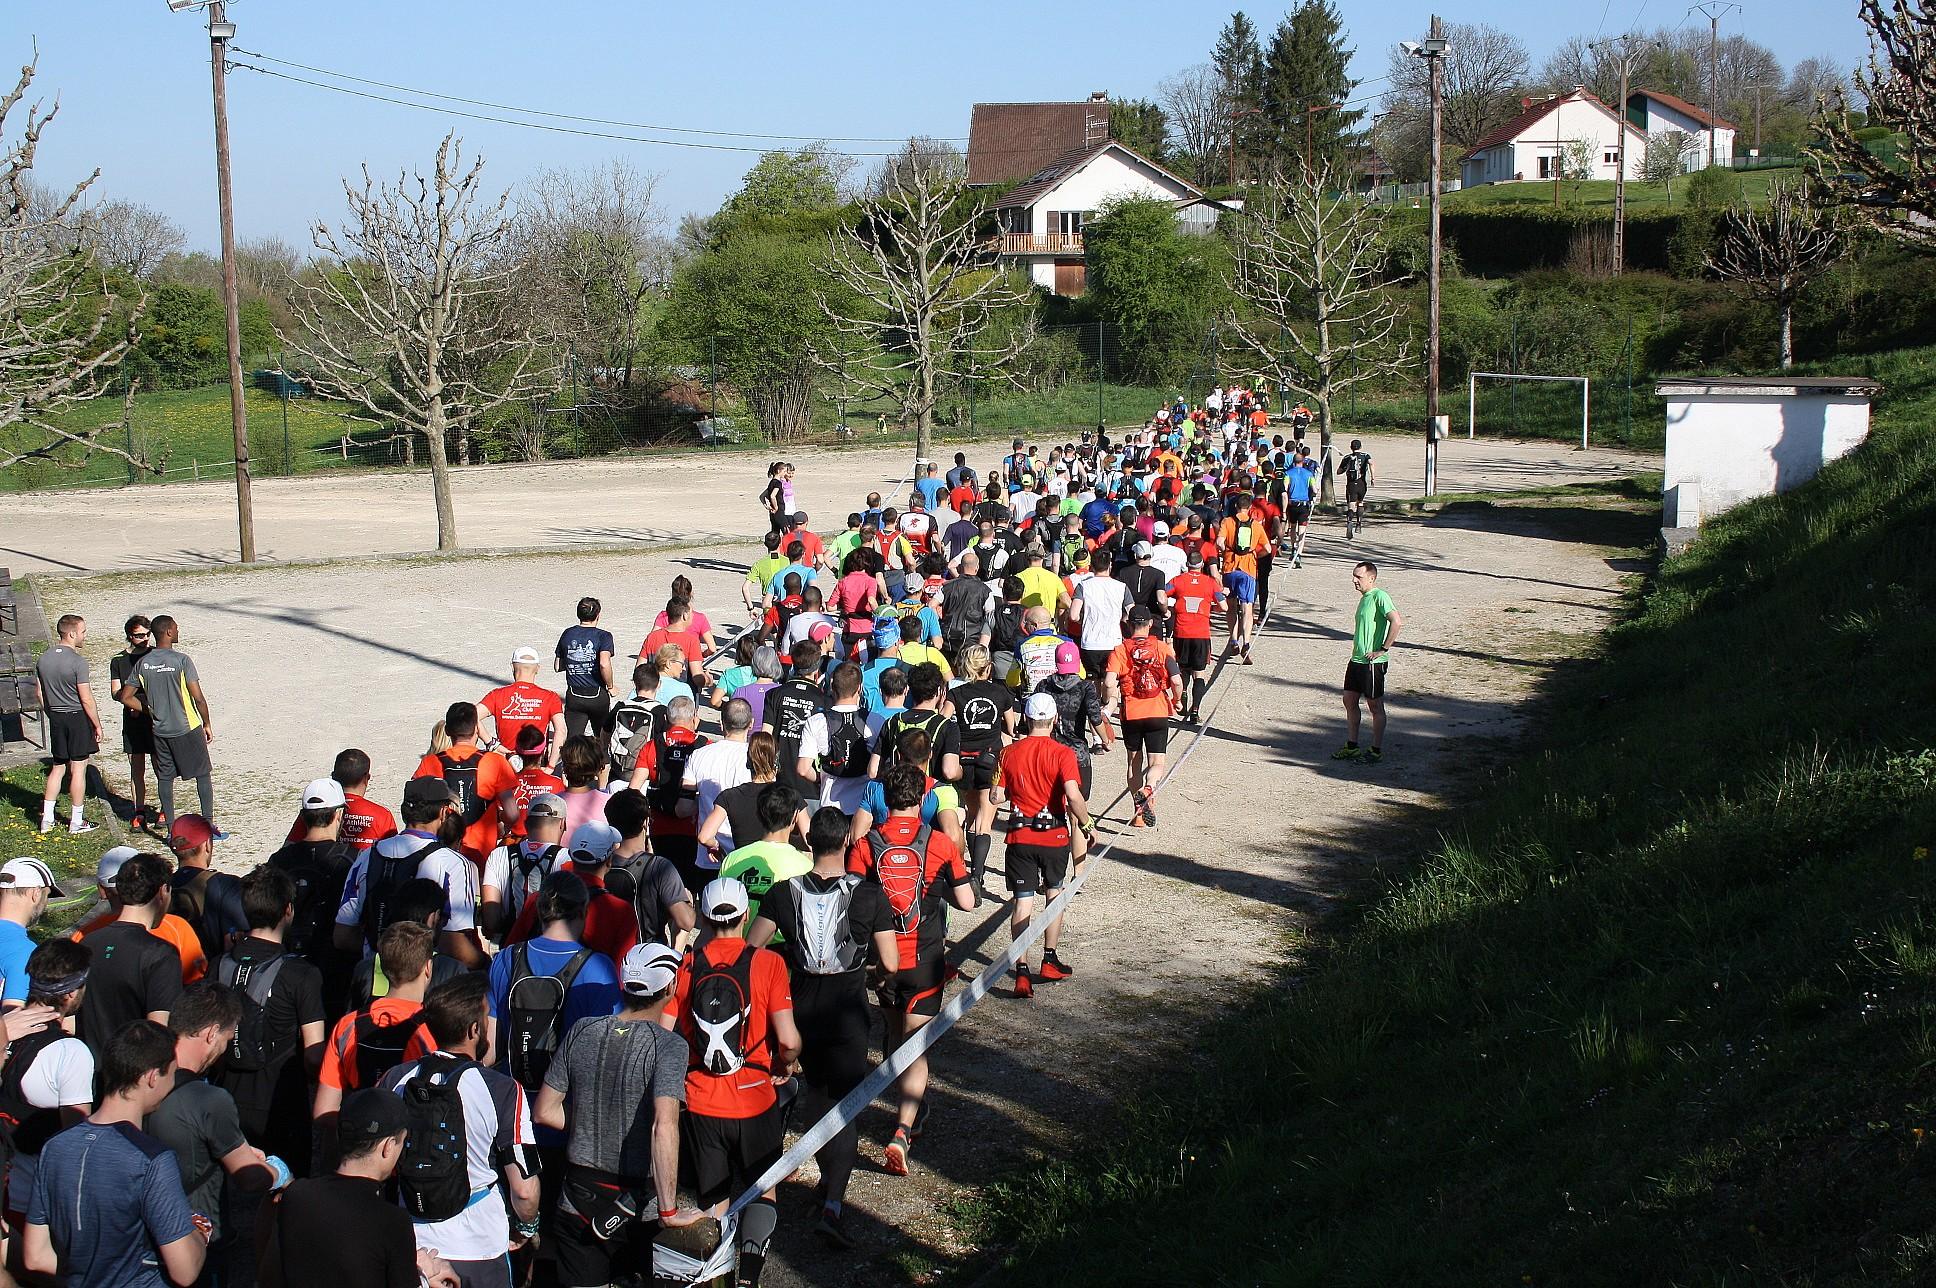 2017-04-09 - Trail-Montfaucon-Juliette (26)